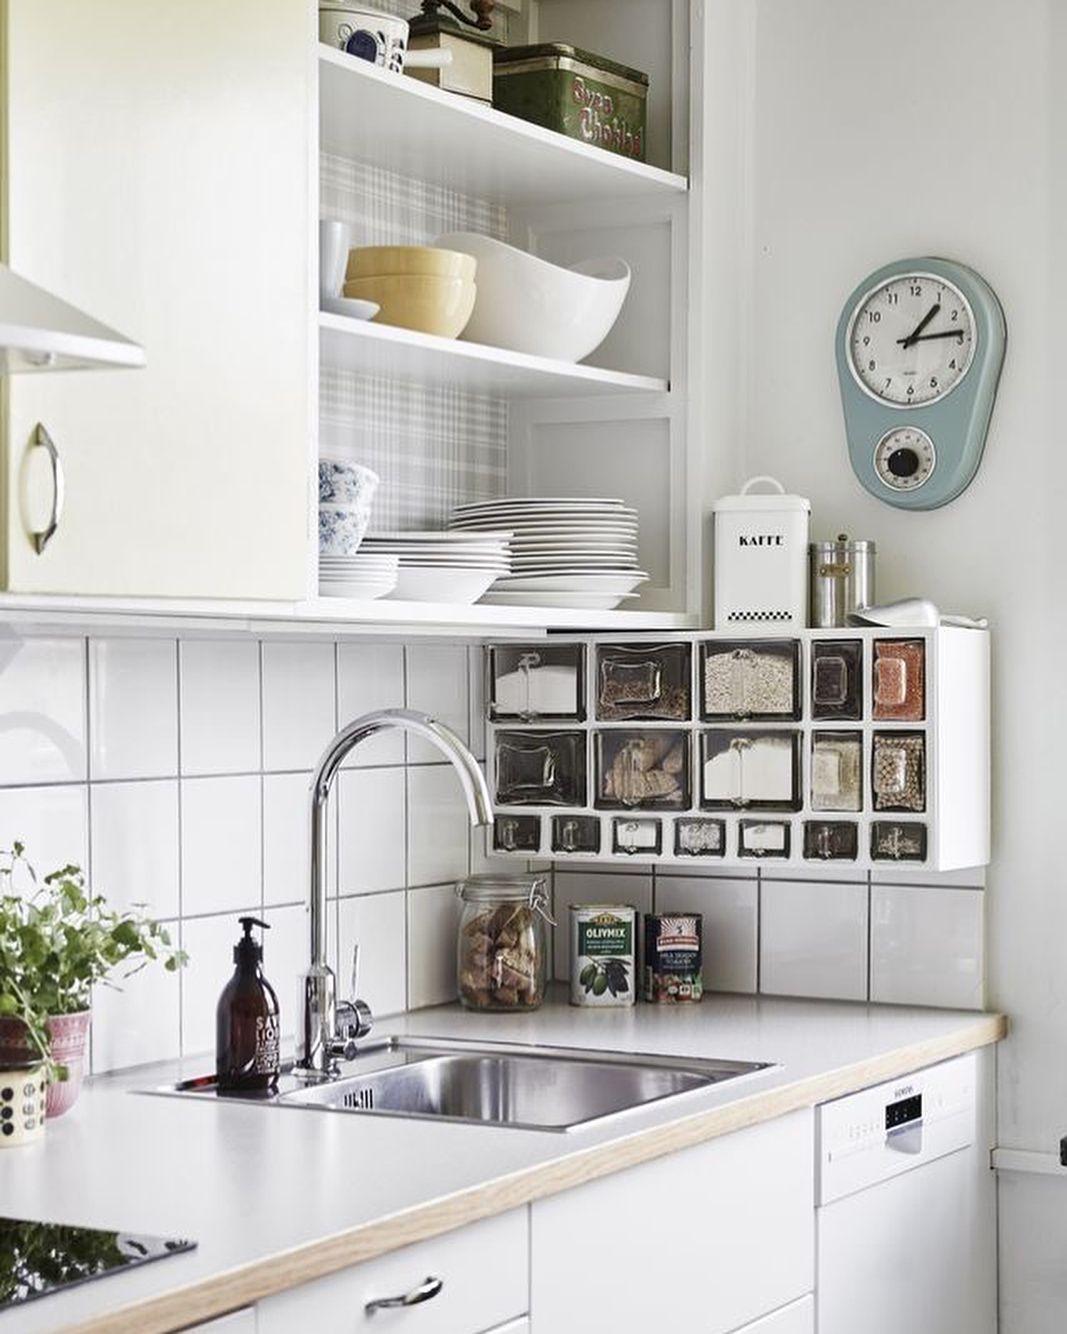 Best Of Abwasserpumpe Küche